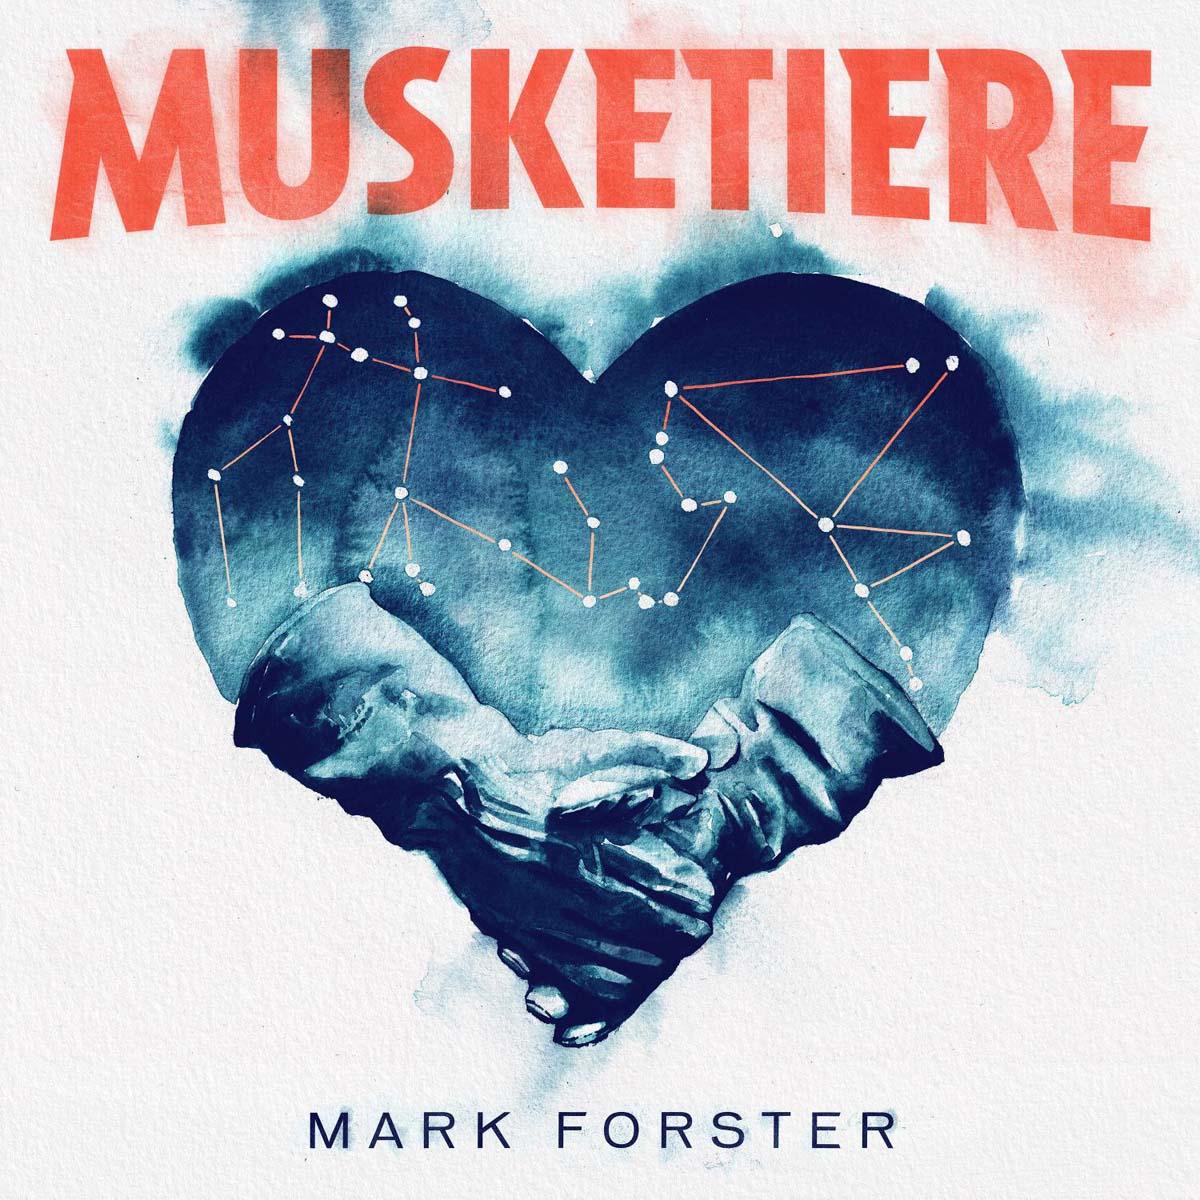 """Mark Forster: Alles über das Album """"Musketiere"""" und die Story hinter dem Cover"""